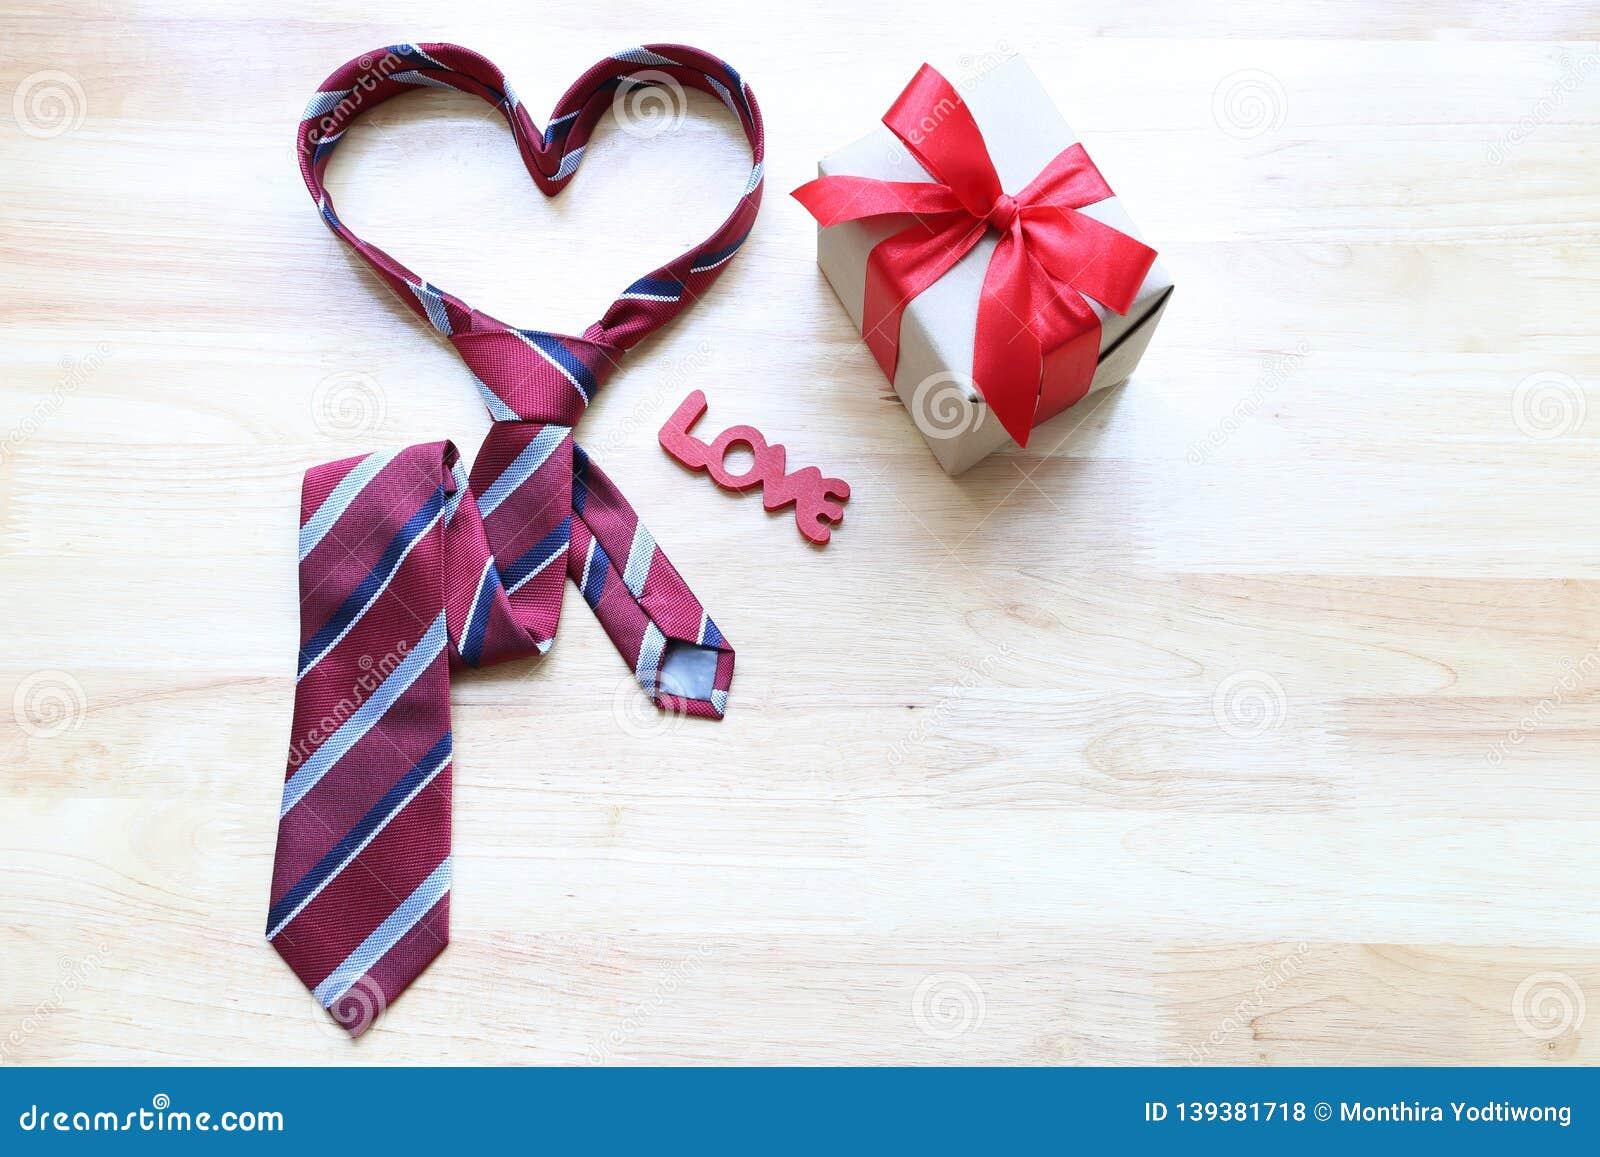 c6fc6840870d8 Cravate De Coeur Et Bo?te-cadeau Rouge Avec Le Ruban Rouge Et Coeur ...